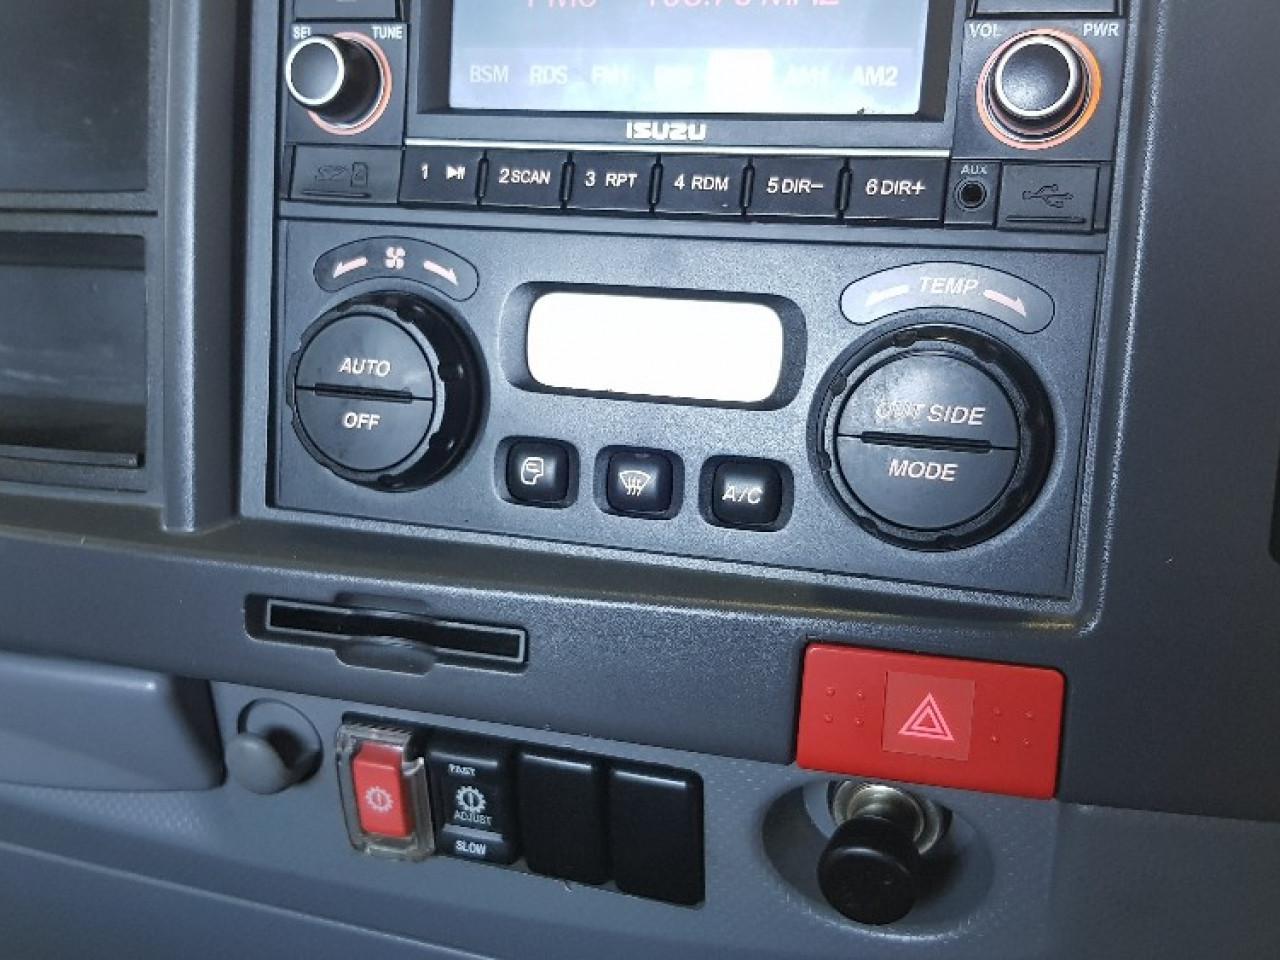 2011 Isuzu NPR 300 MWB AMT